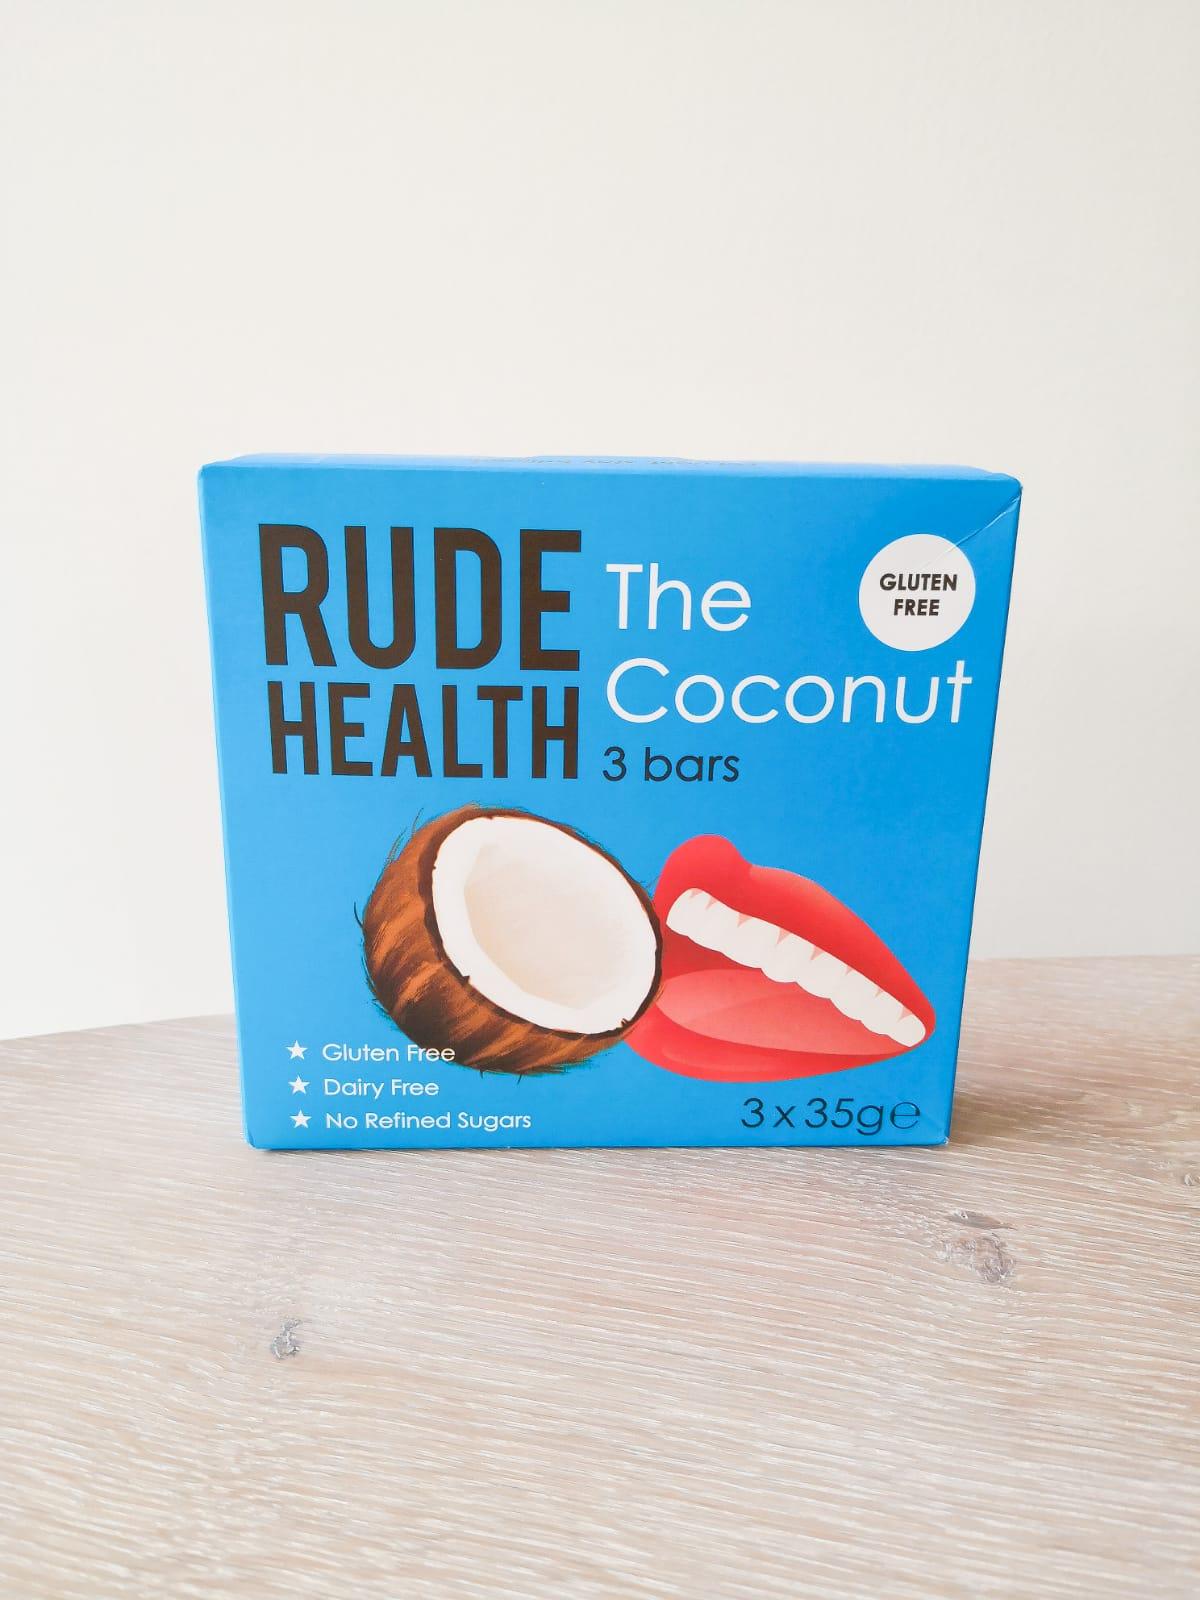 rude health coconut boodschappenlijst